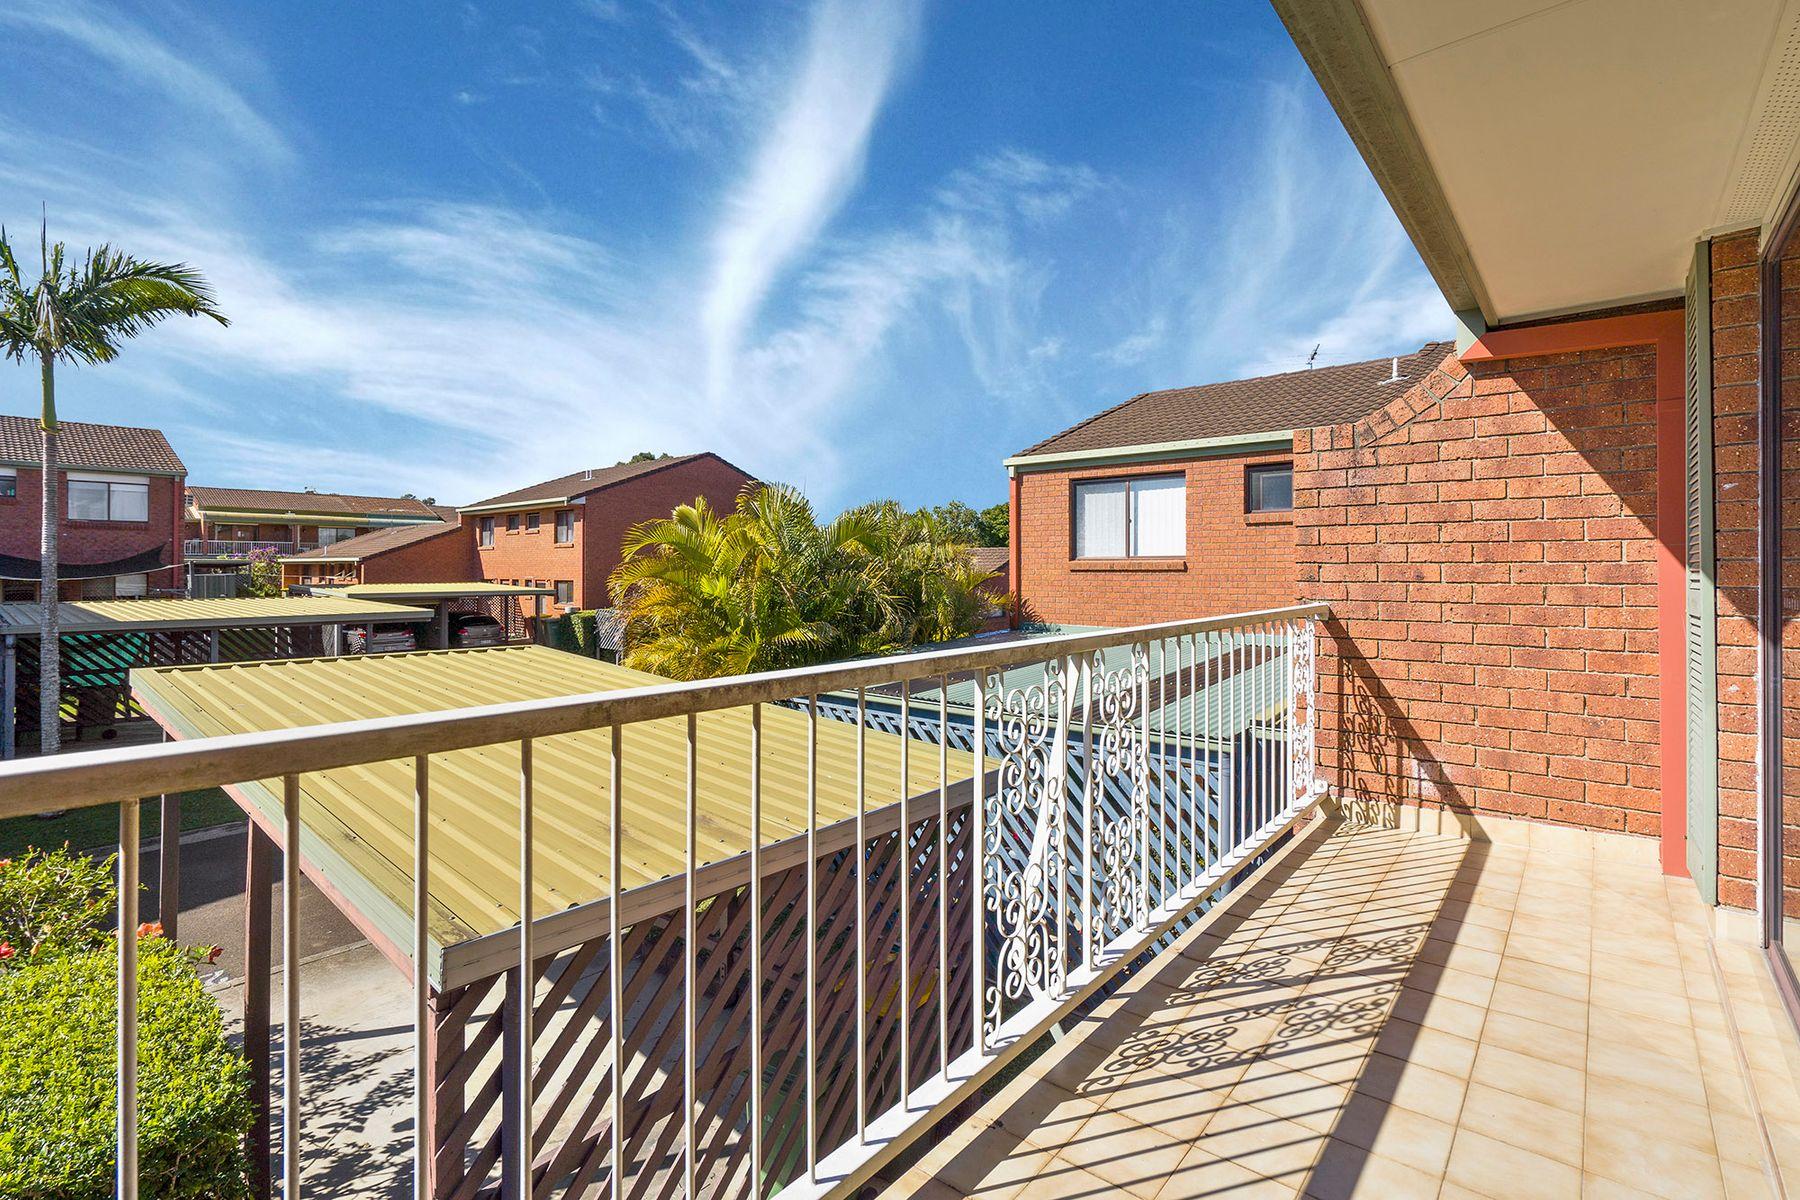 26/87 Springwood Road, Springwood, QLD 4127